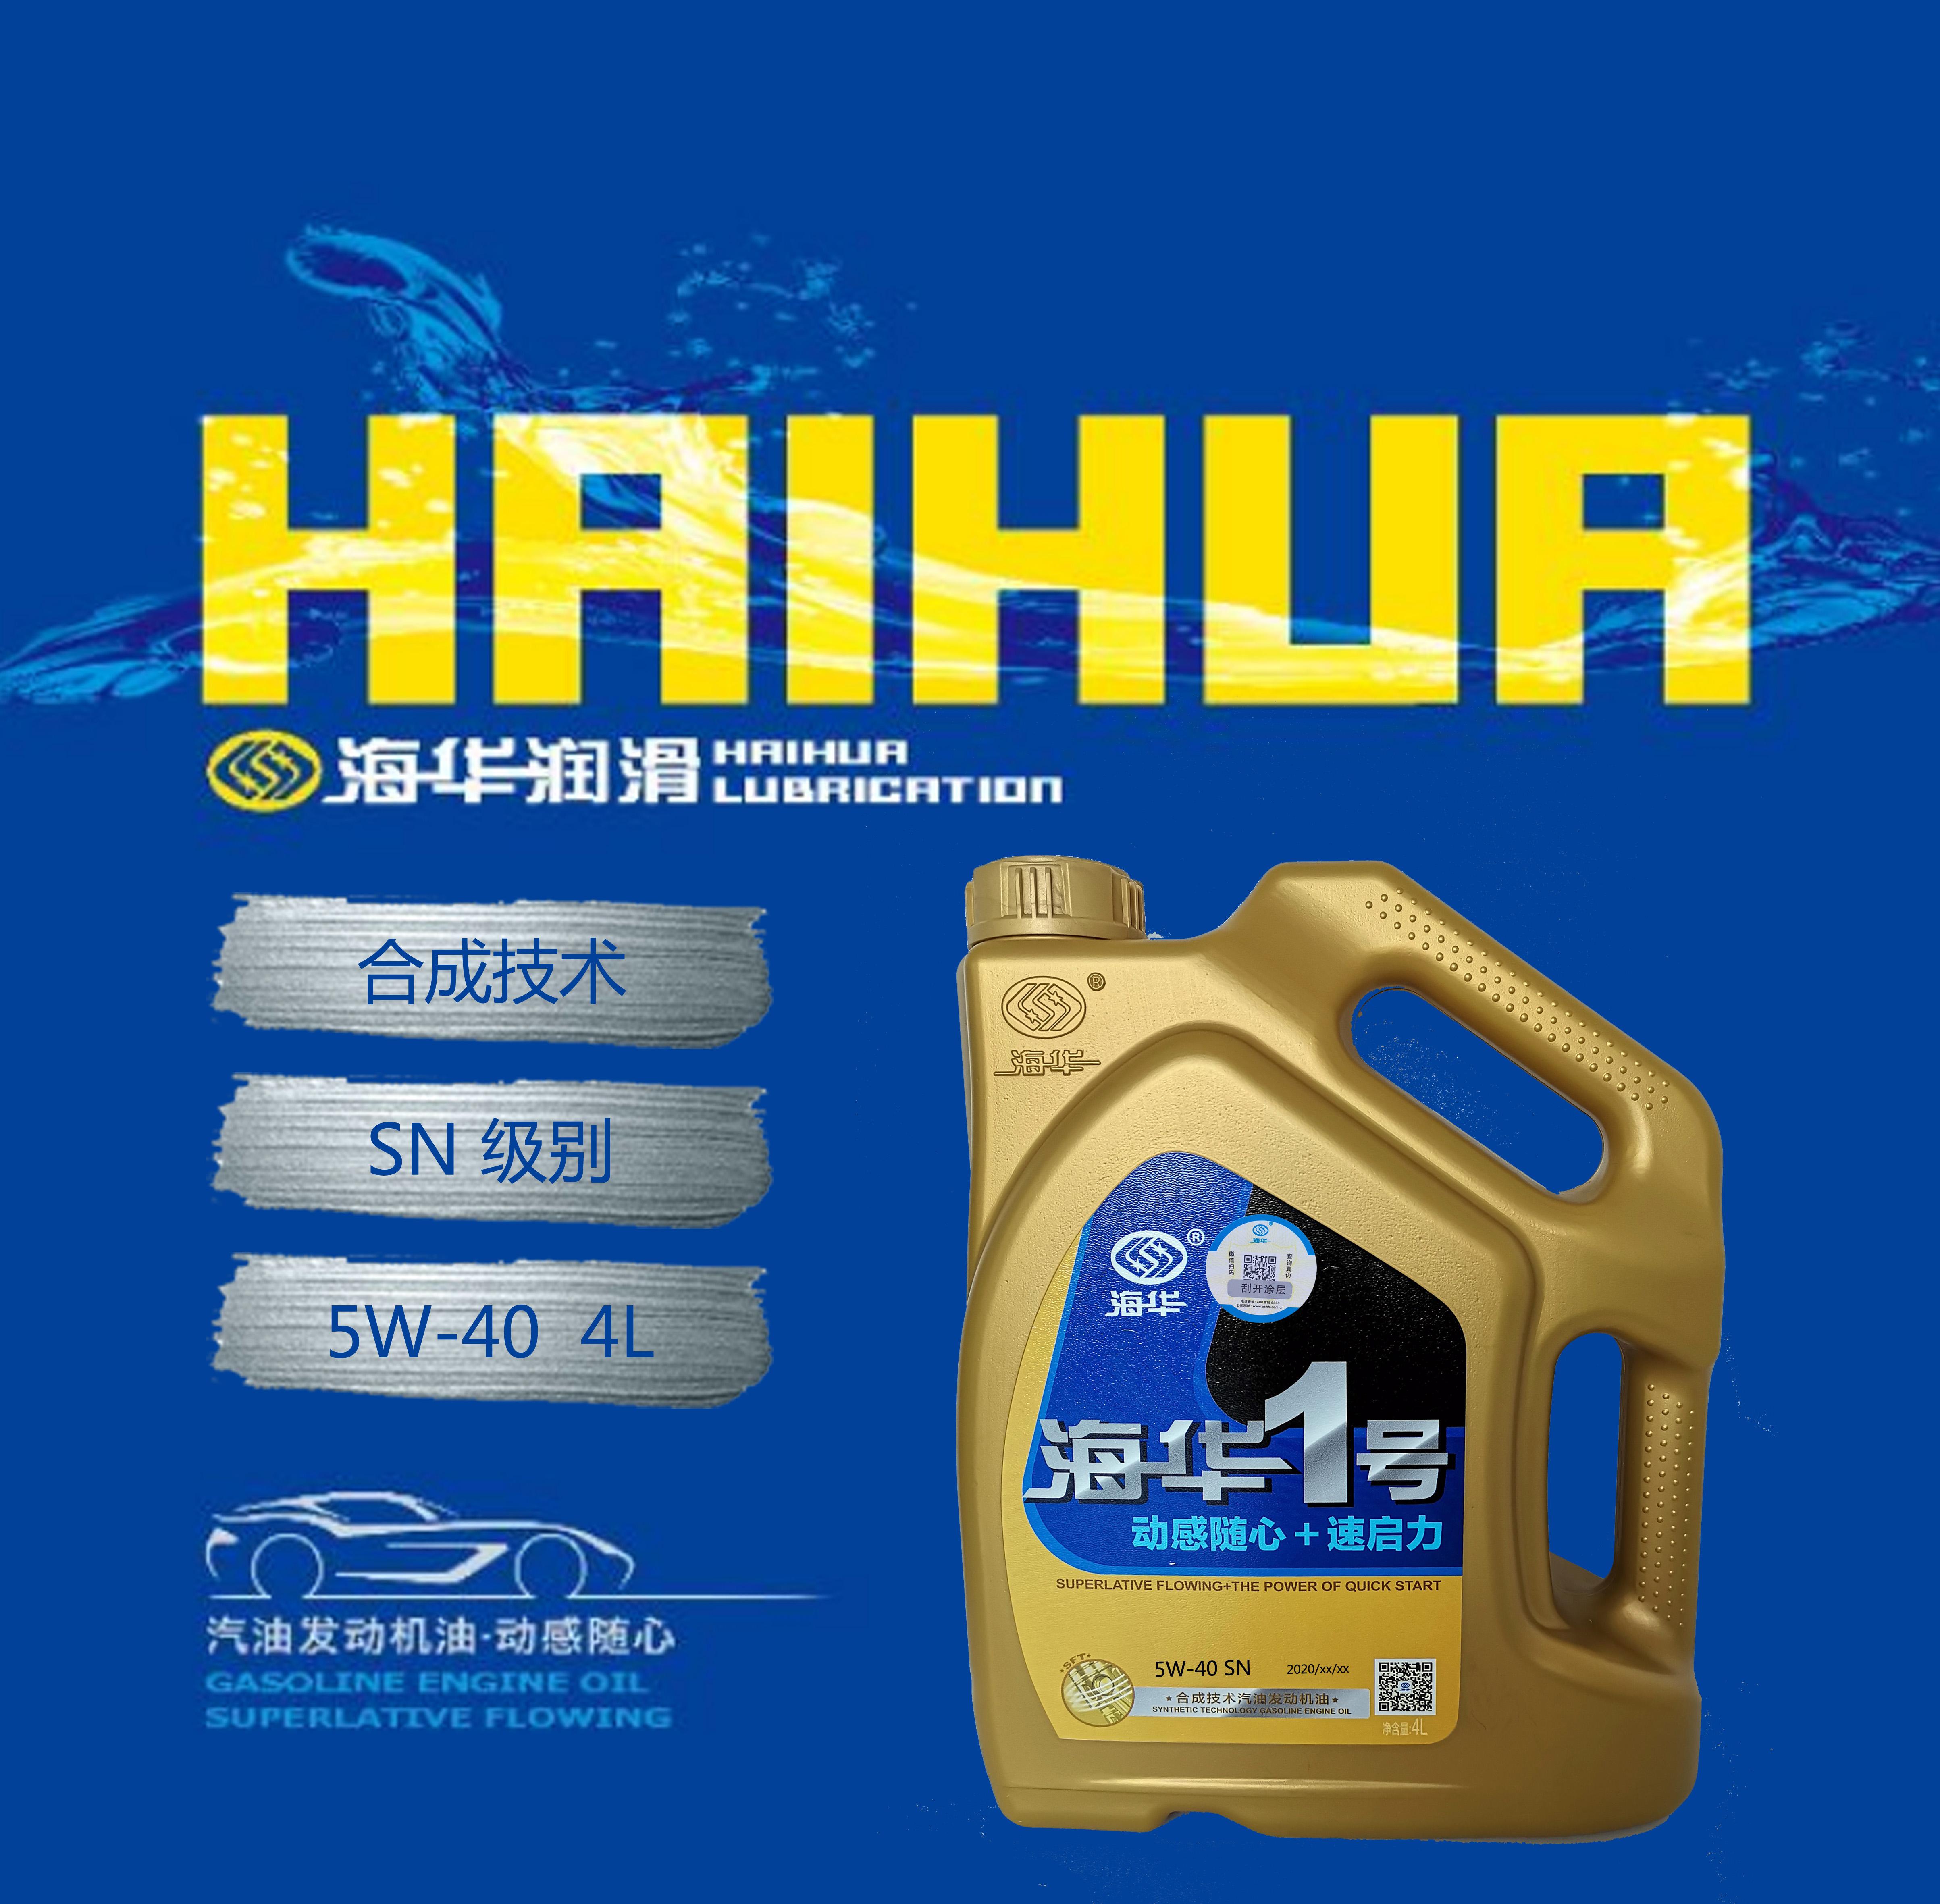 海華1号合成技術ガソリンエンジンSN 5 W-40乗用車用エンジンオイル4 L